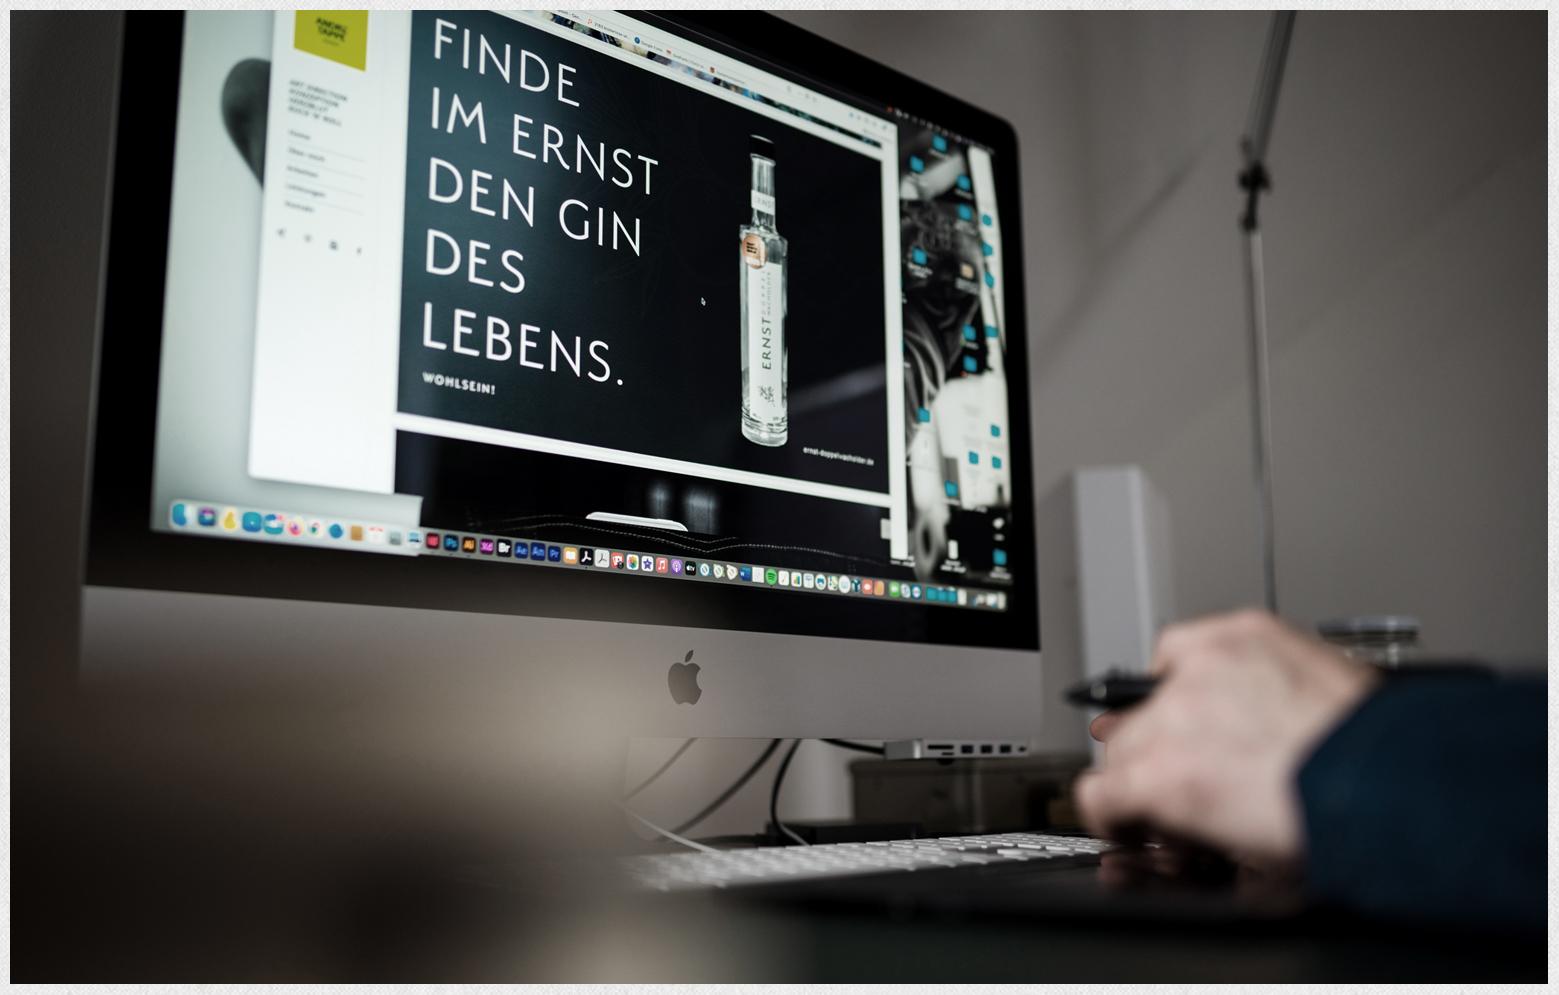 ERNST Making-Off Anzeige Finde den Ernst des Lebens.